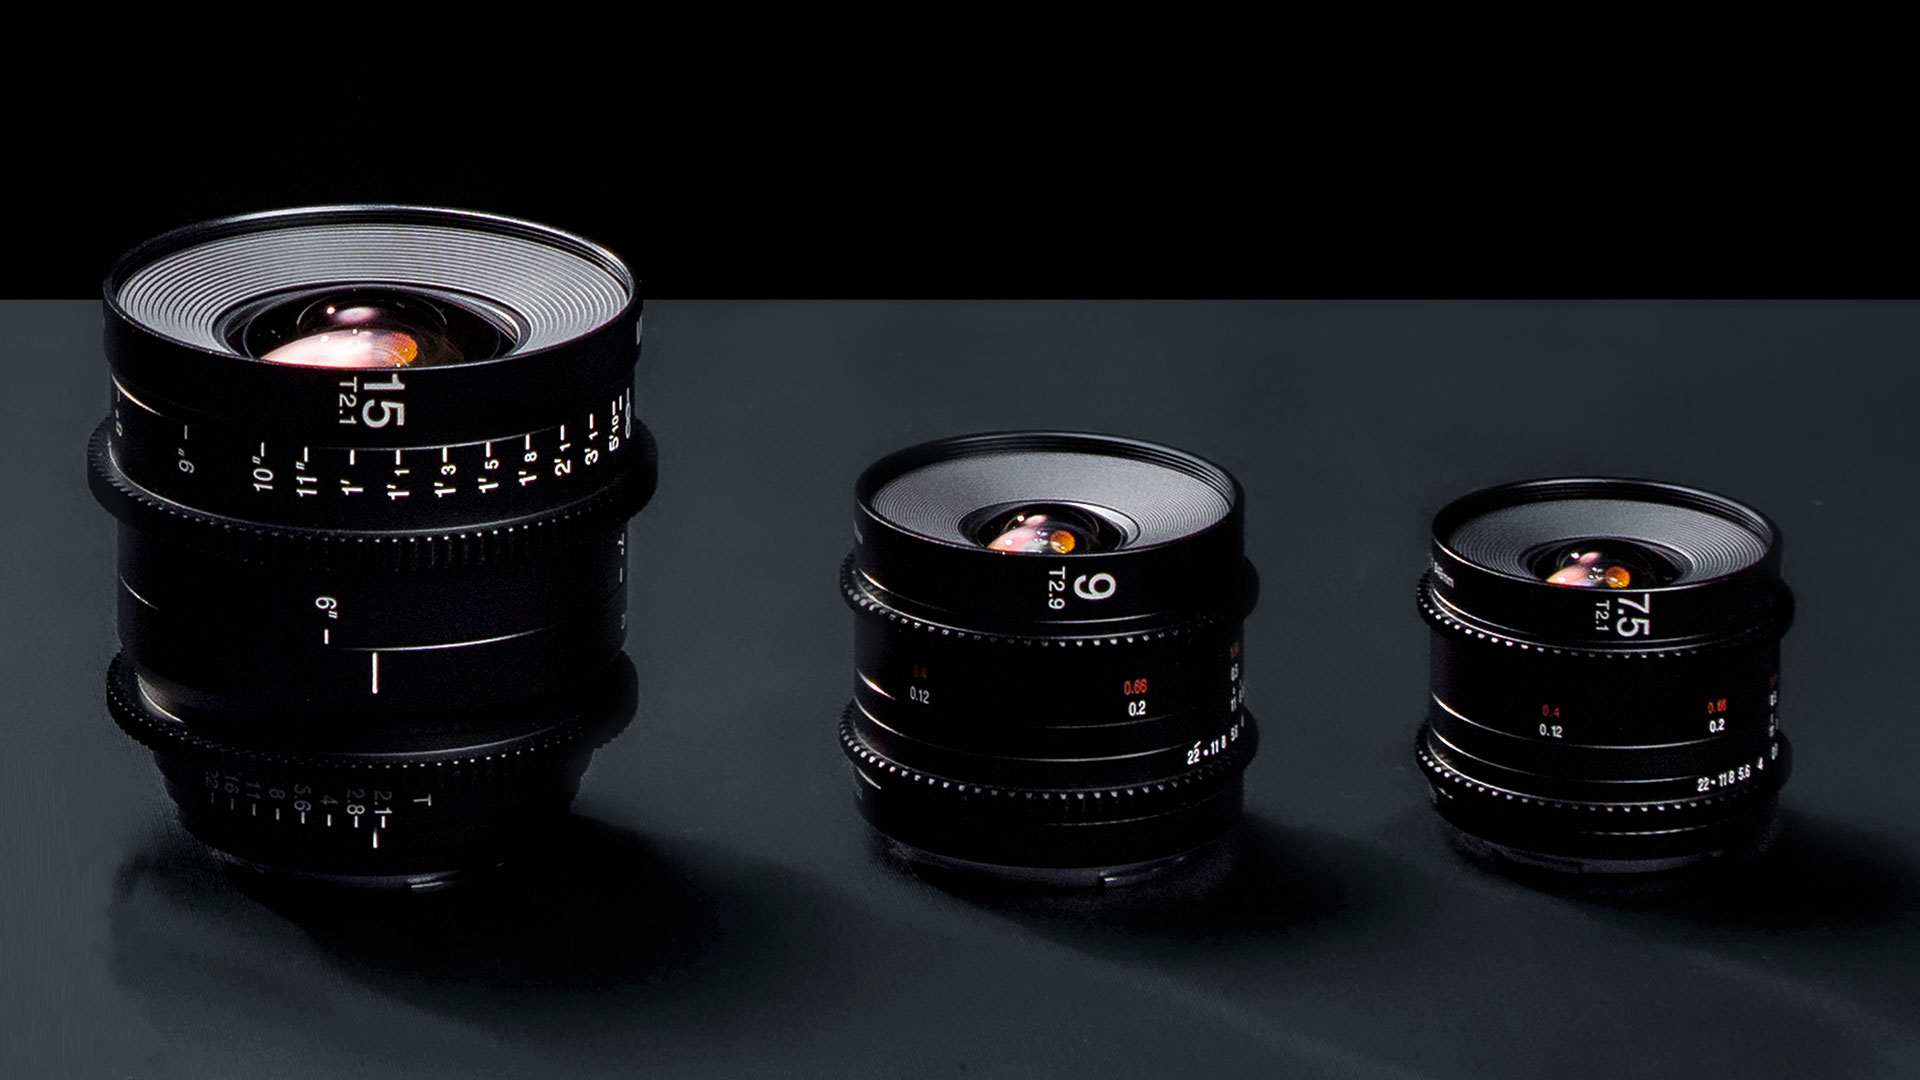 Anunciaron lentes de cine Laowa 7.5 mm T2.1, 9 mm T2.9 Zero-D y 15 mm T2.1 Zero-D